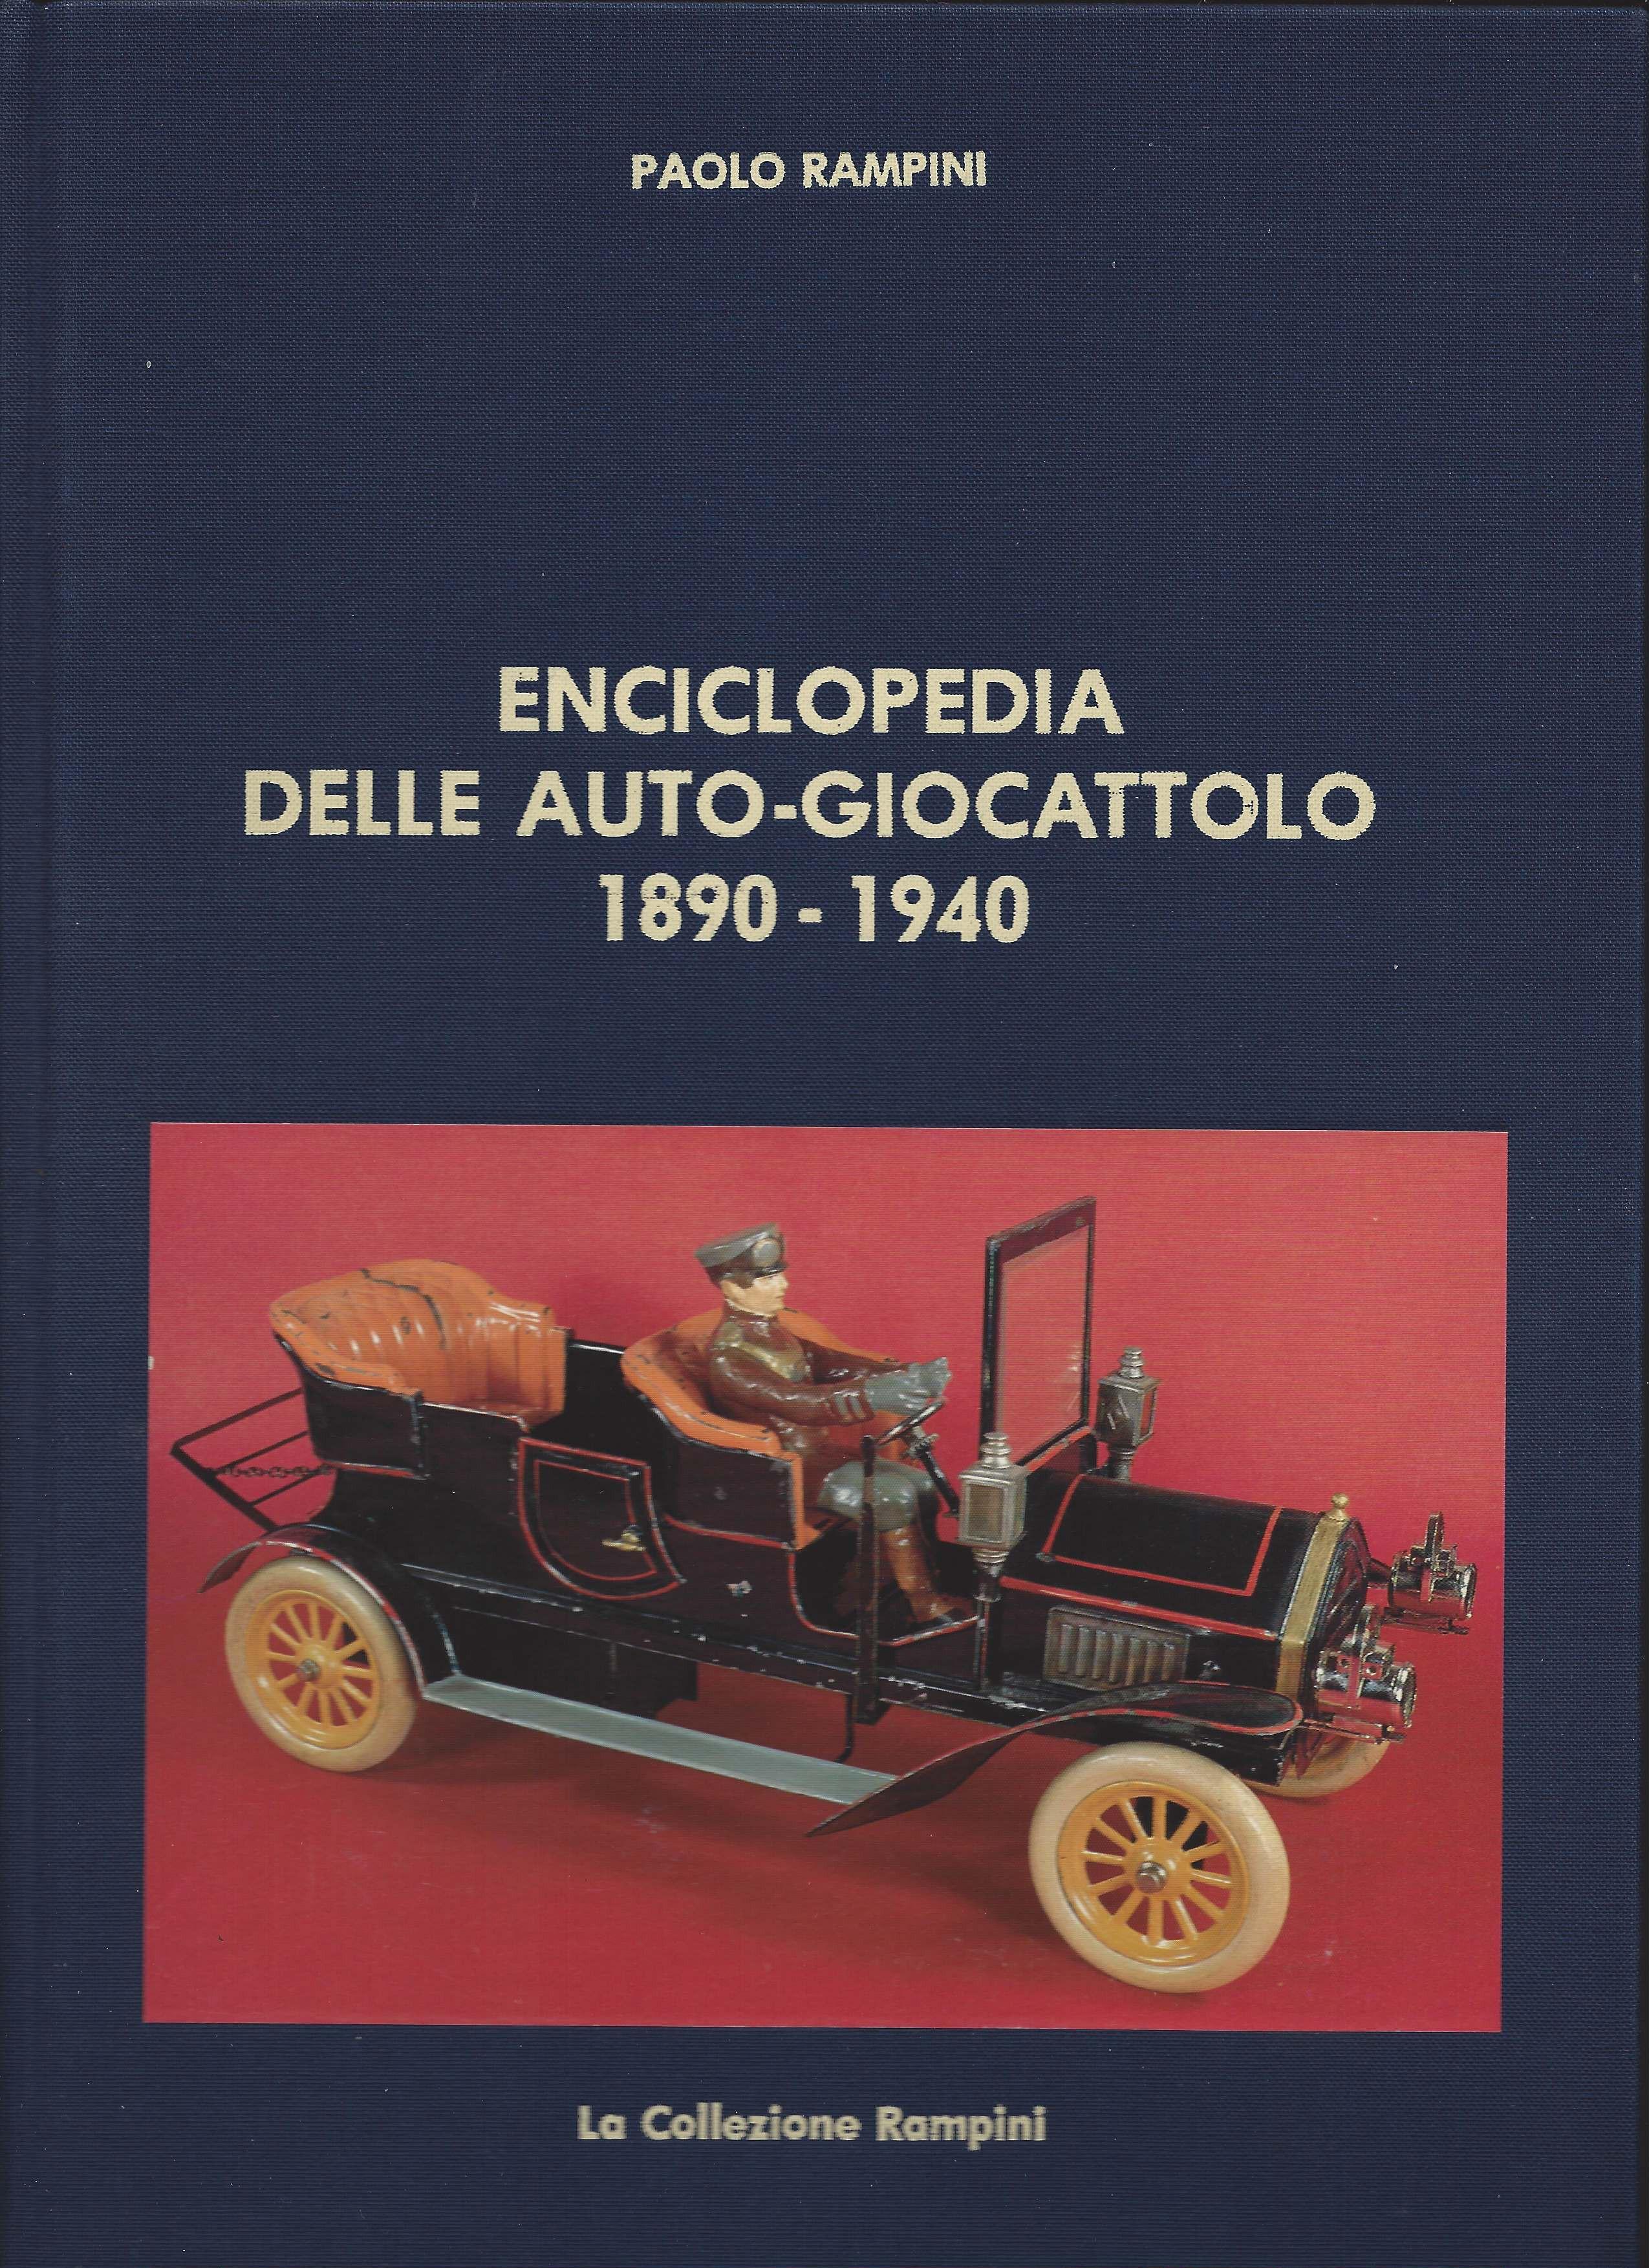 1 - Enciclopedia delle Auto-Giocattolo 1890-1940, Milano, Edizioni Paolo Rampini, 1985